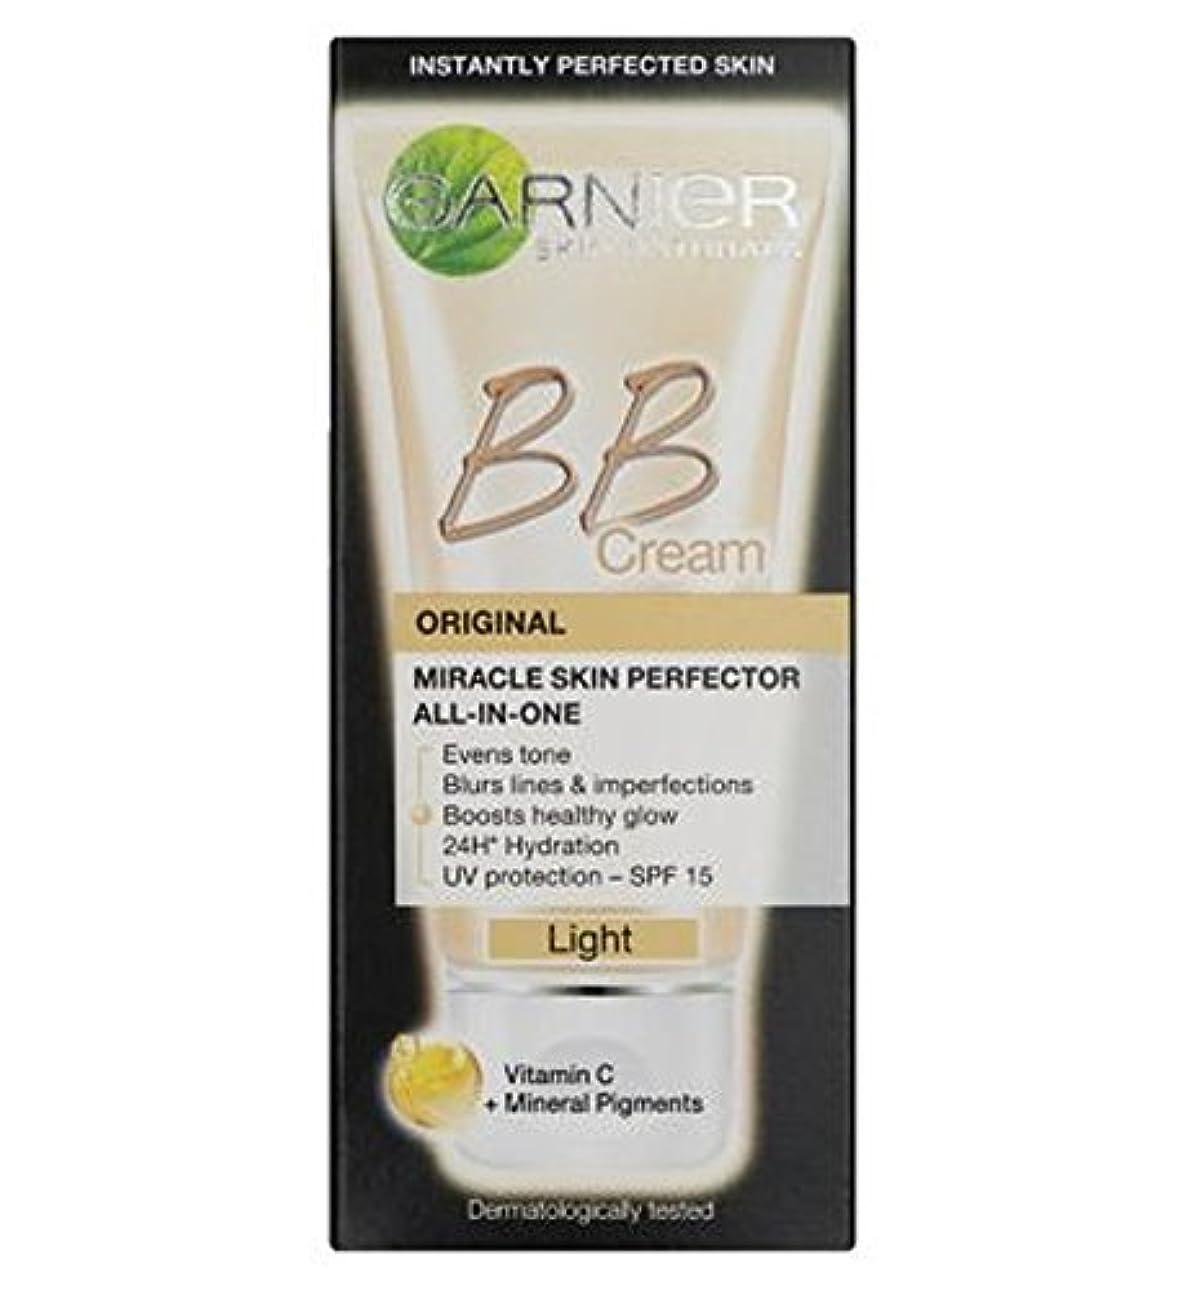 読みやすい対人質量Garnier Skin Perfector Daily All-In-One B.B. Blemish Balm Cream Light 50ml - 毎日オールインワンB.B.ガルニエスキンパーフェク傷バームクリームライト...